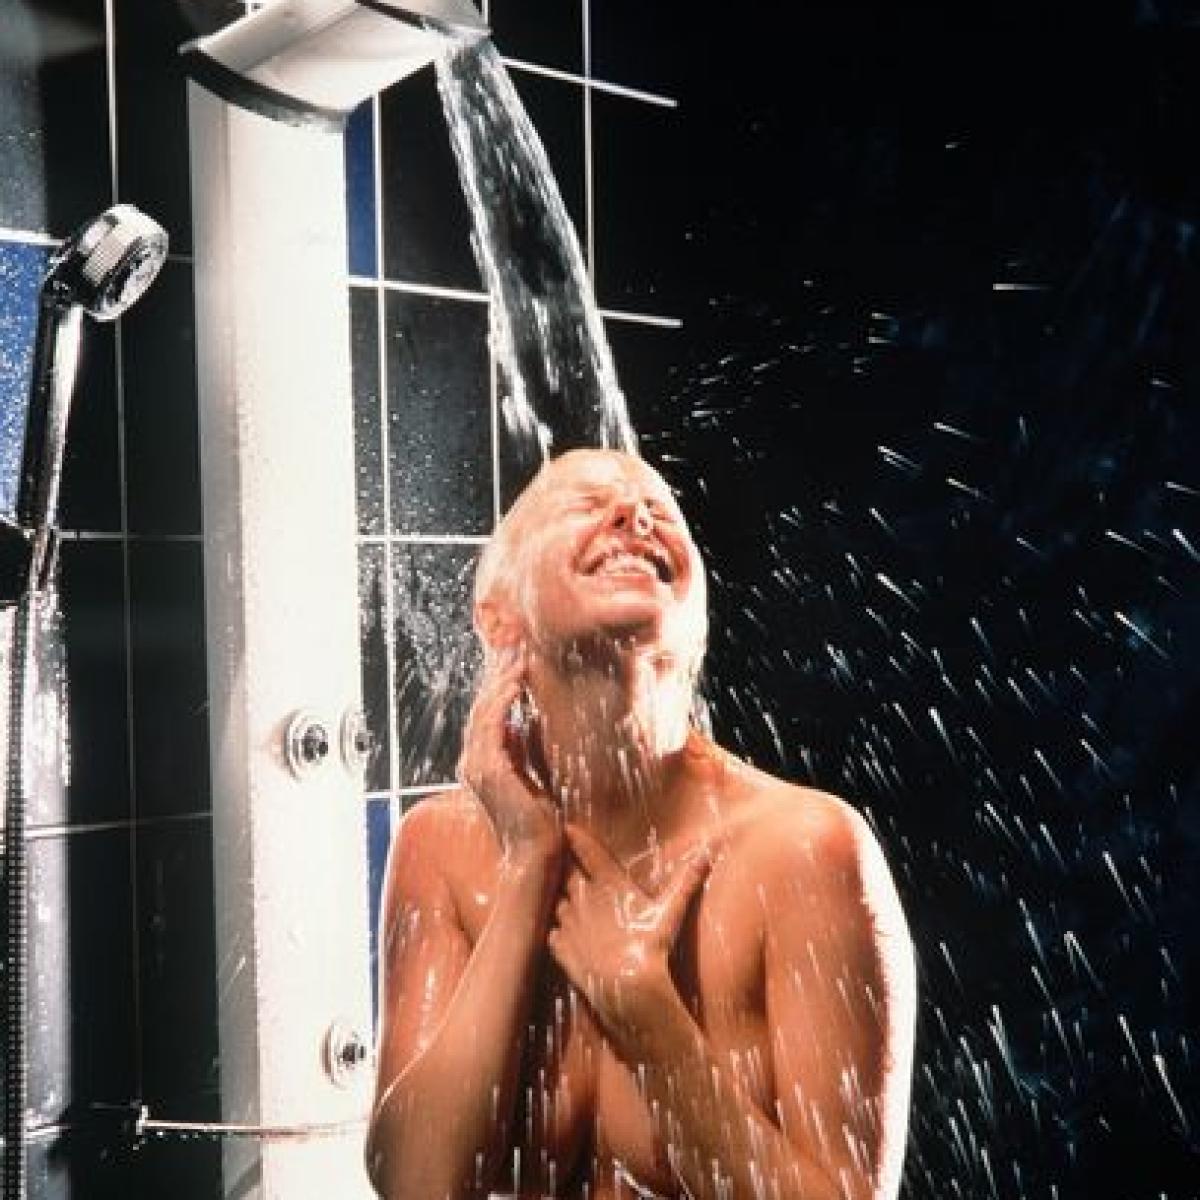 Duschen gemischte Gemeinschaftsdusche im